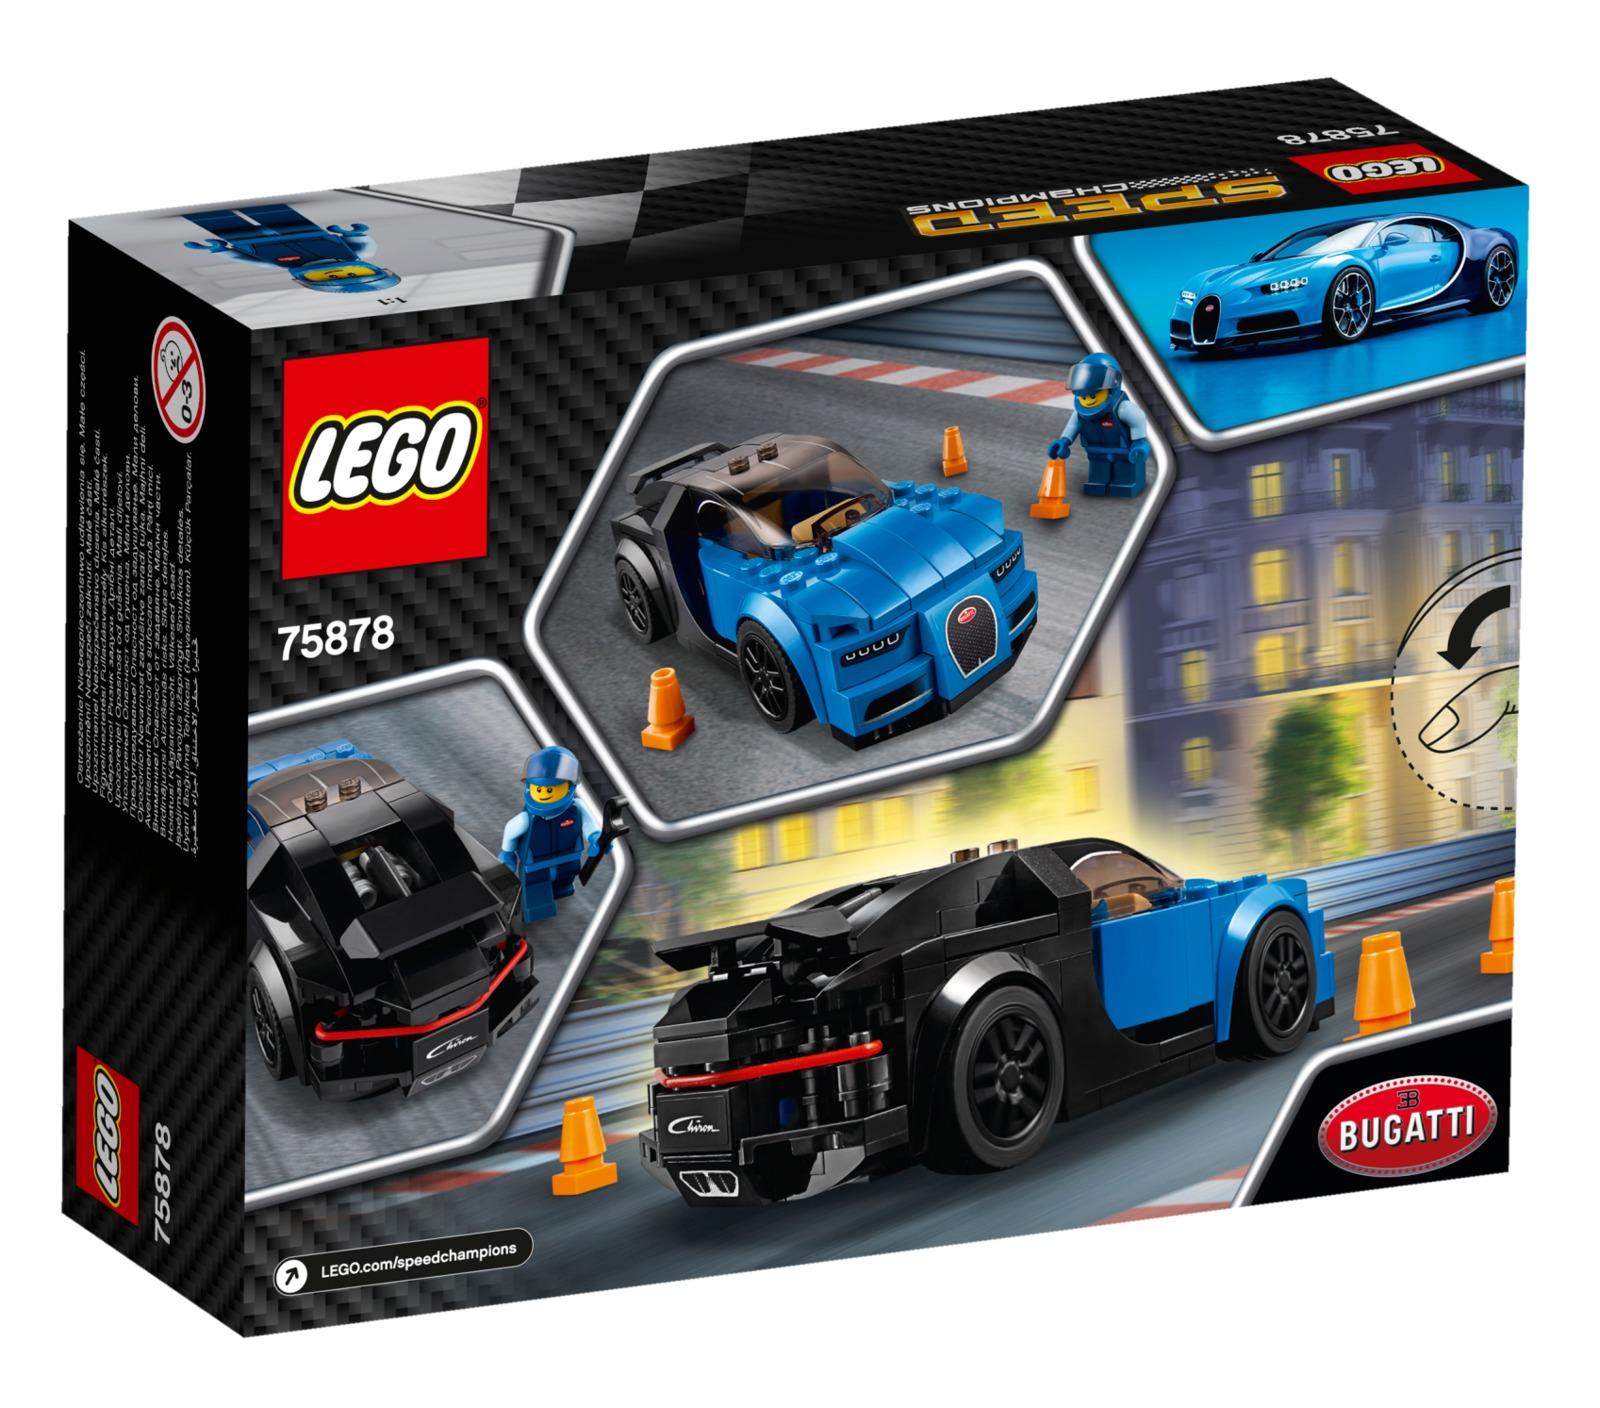 LEGO Speed Champions - Bugatti Chiron (75878) image